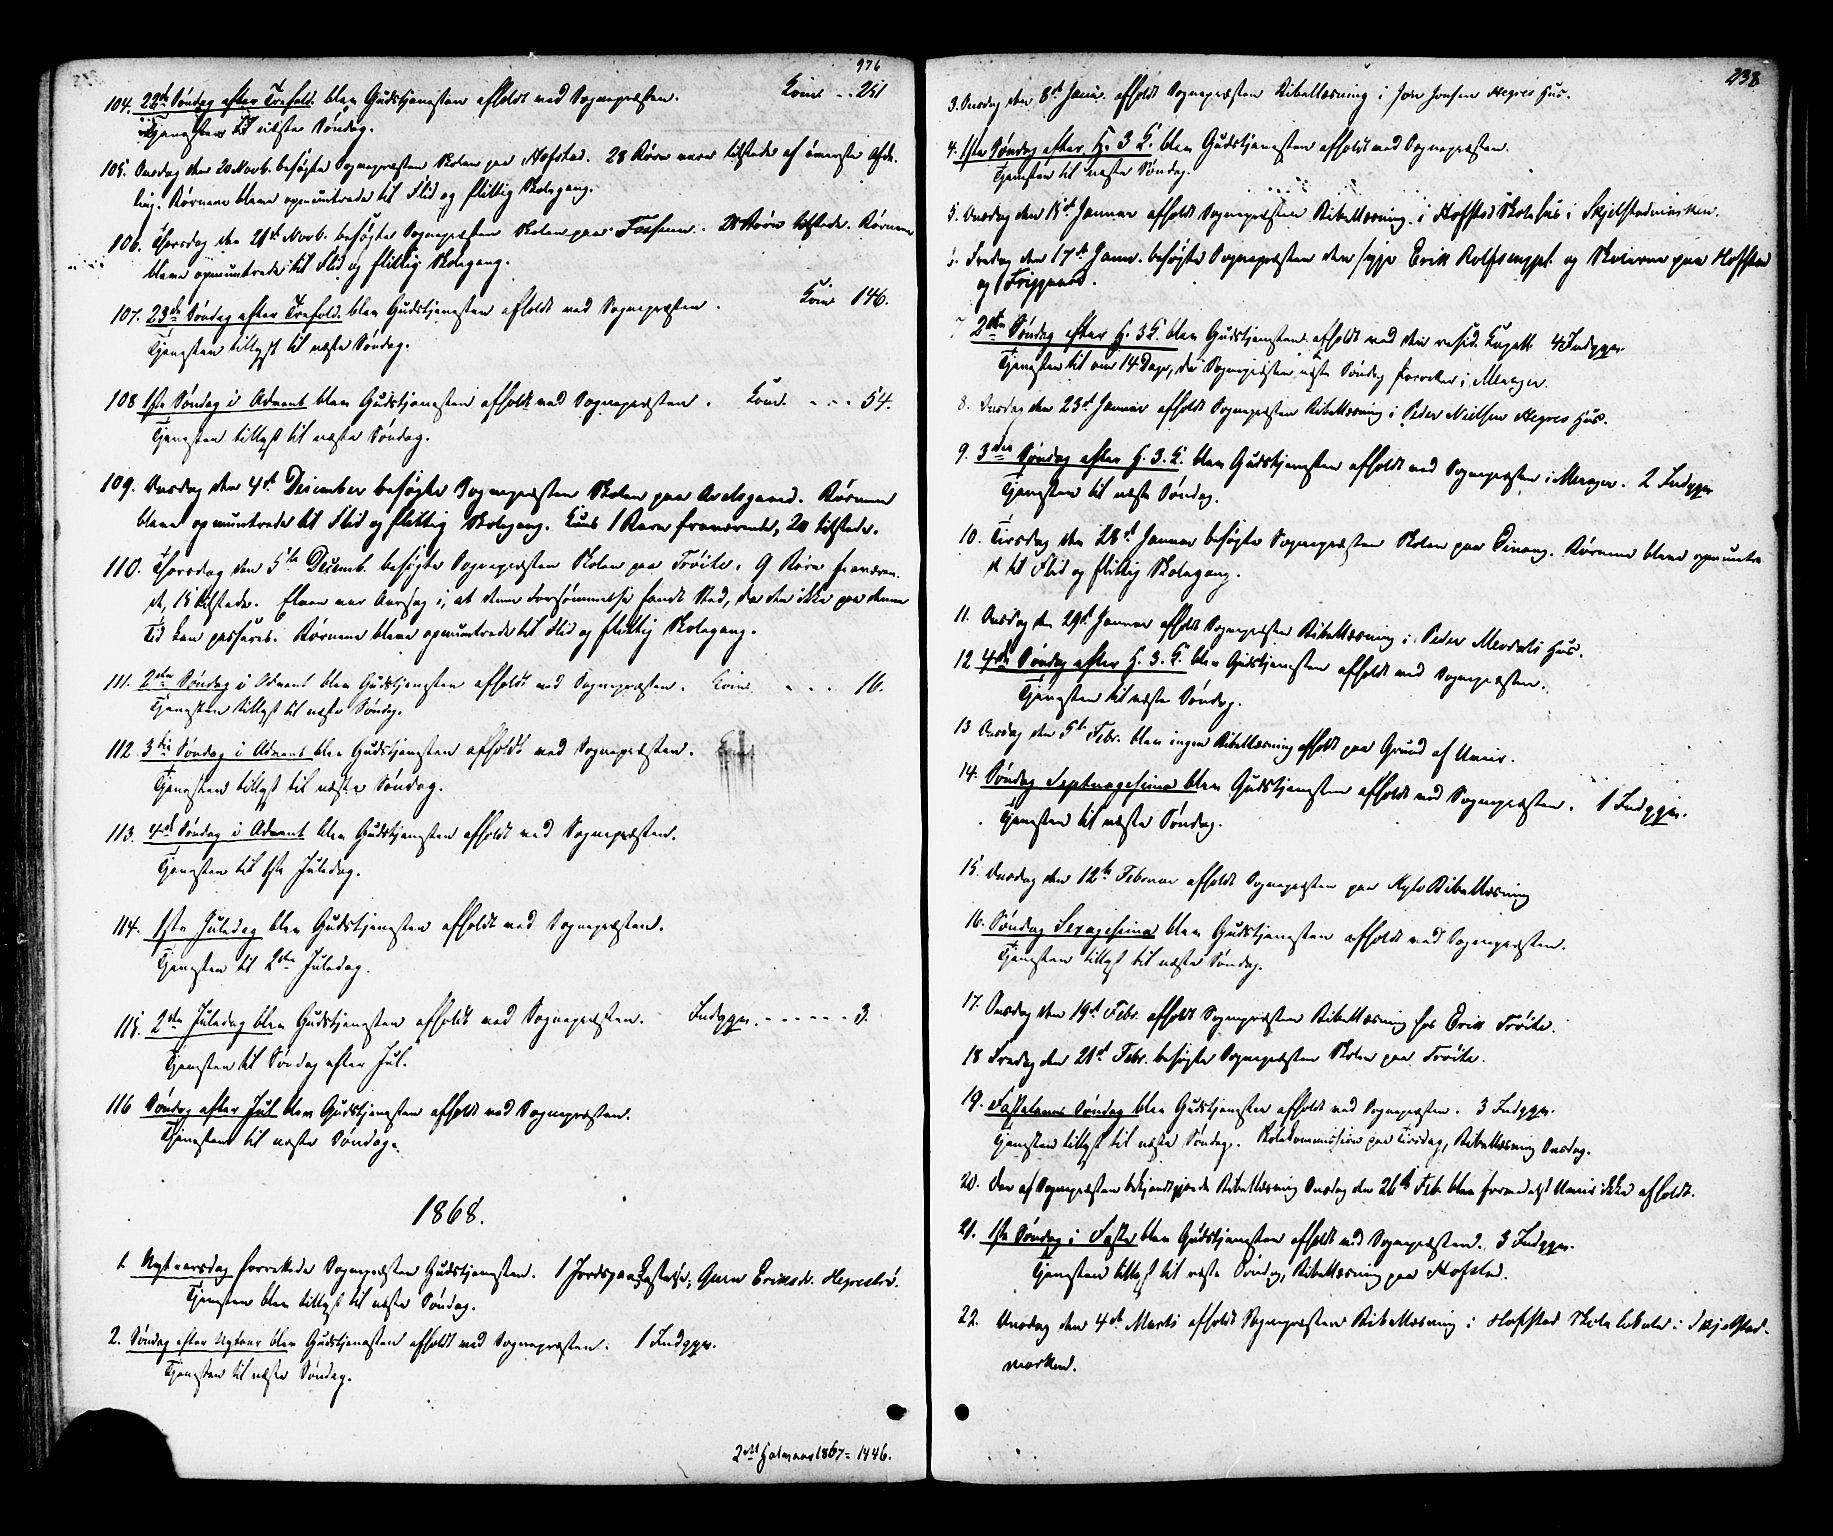 SAT, Ministerialprotokoller, klokkerbøker og fødselsregistre - Nord-Trøndelag, 703/L0029: Ministerialbok nr. 703A02, 1863-1879, s. 238